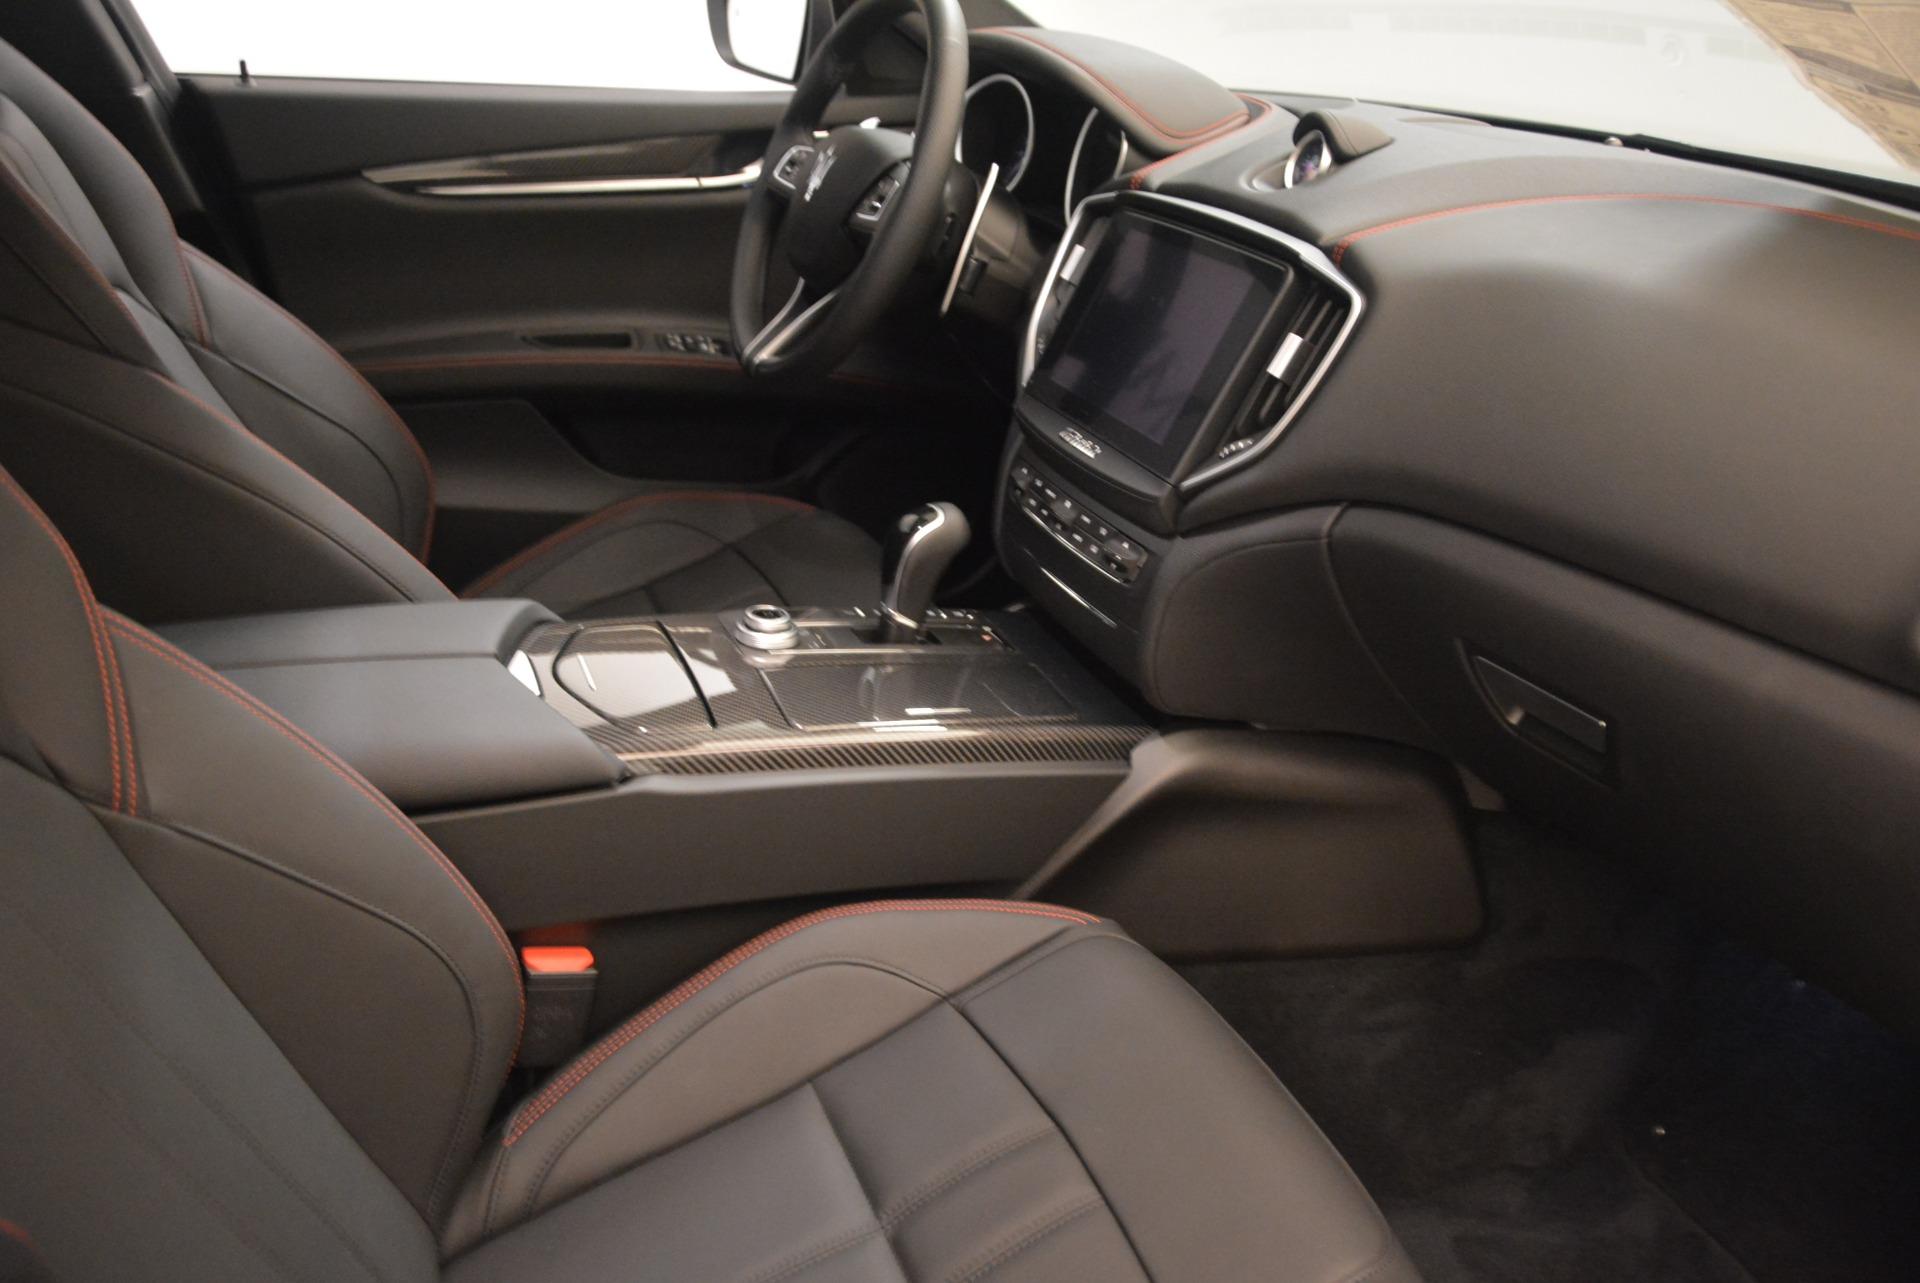 New 2018 Maserati Ghibli SQ4 GranSport Nerissimo For Sale In Greenwich, CT 2278_p16